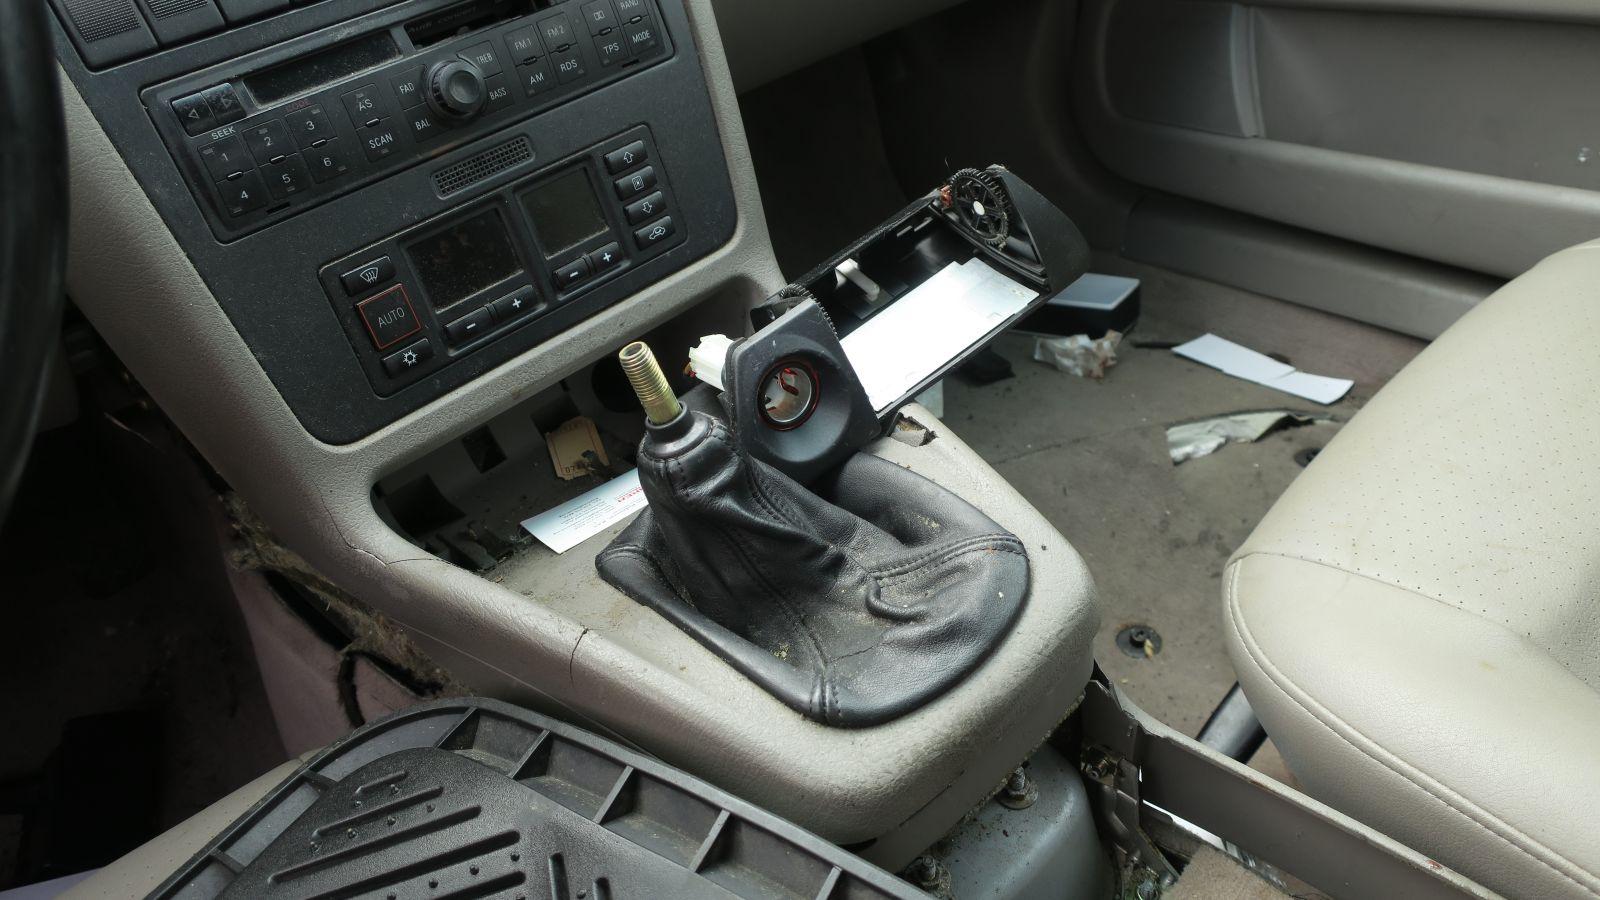 Junkyard Gem Audi A T Autoblog - 1998 audi a4